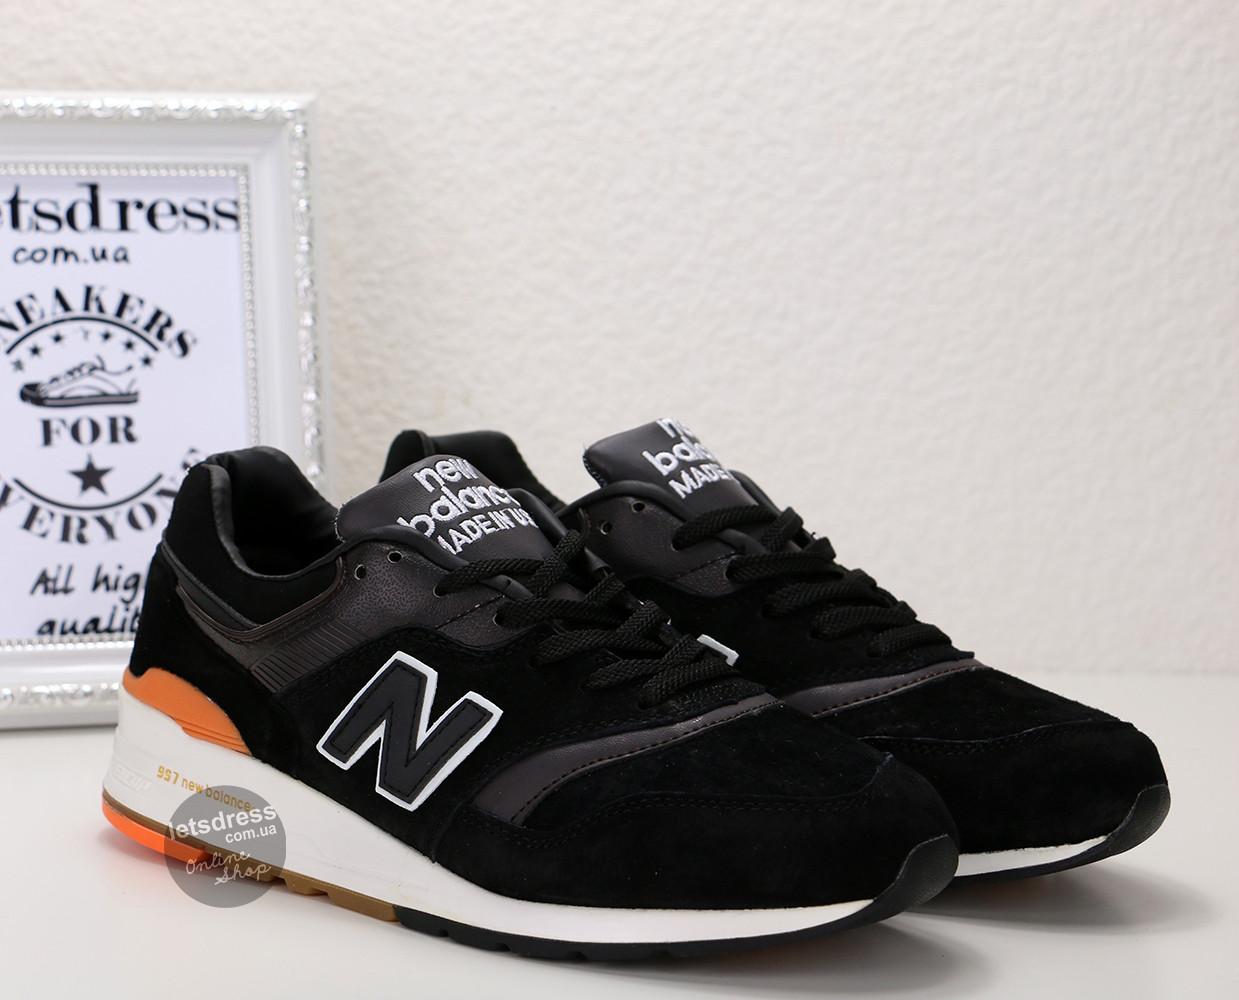 Кроссовки мужские New Balance 997 Autors collection оригинал | Нью Баланс 997 Ауторс мужские черные